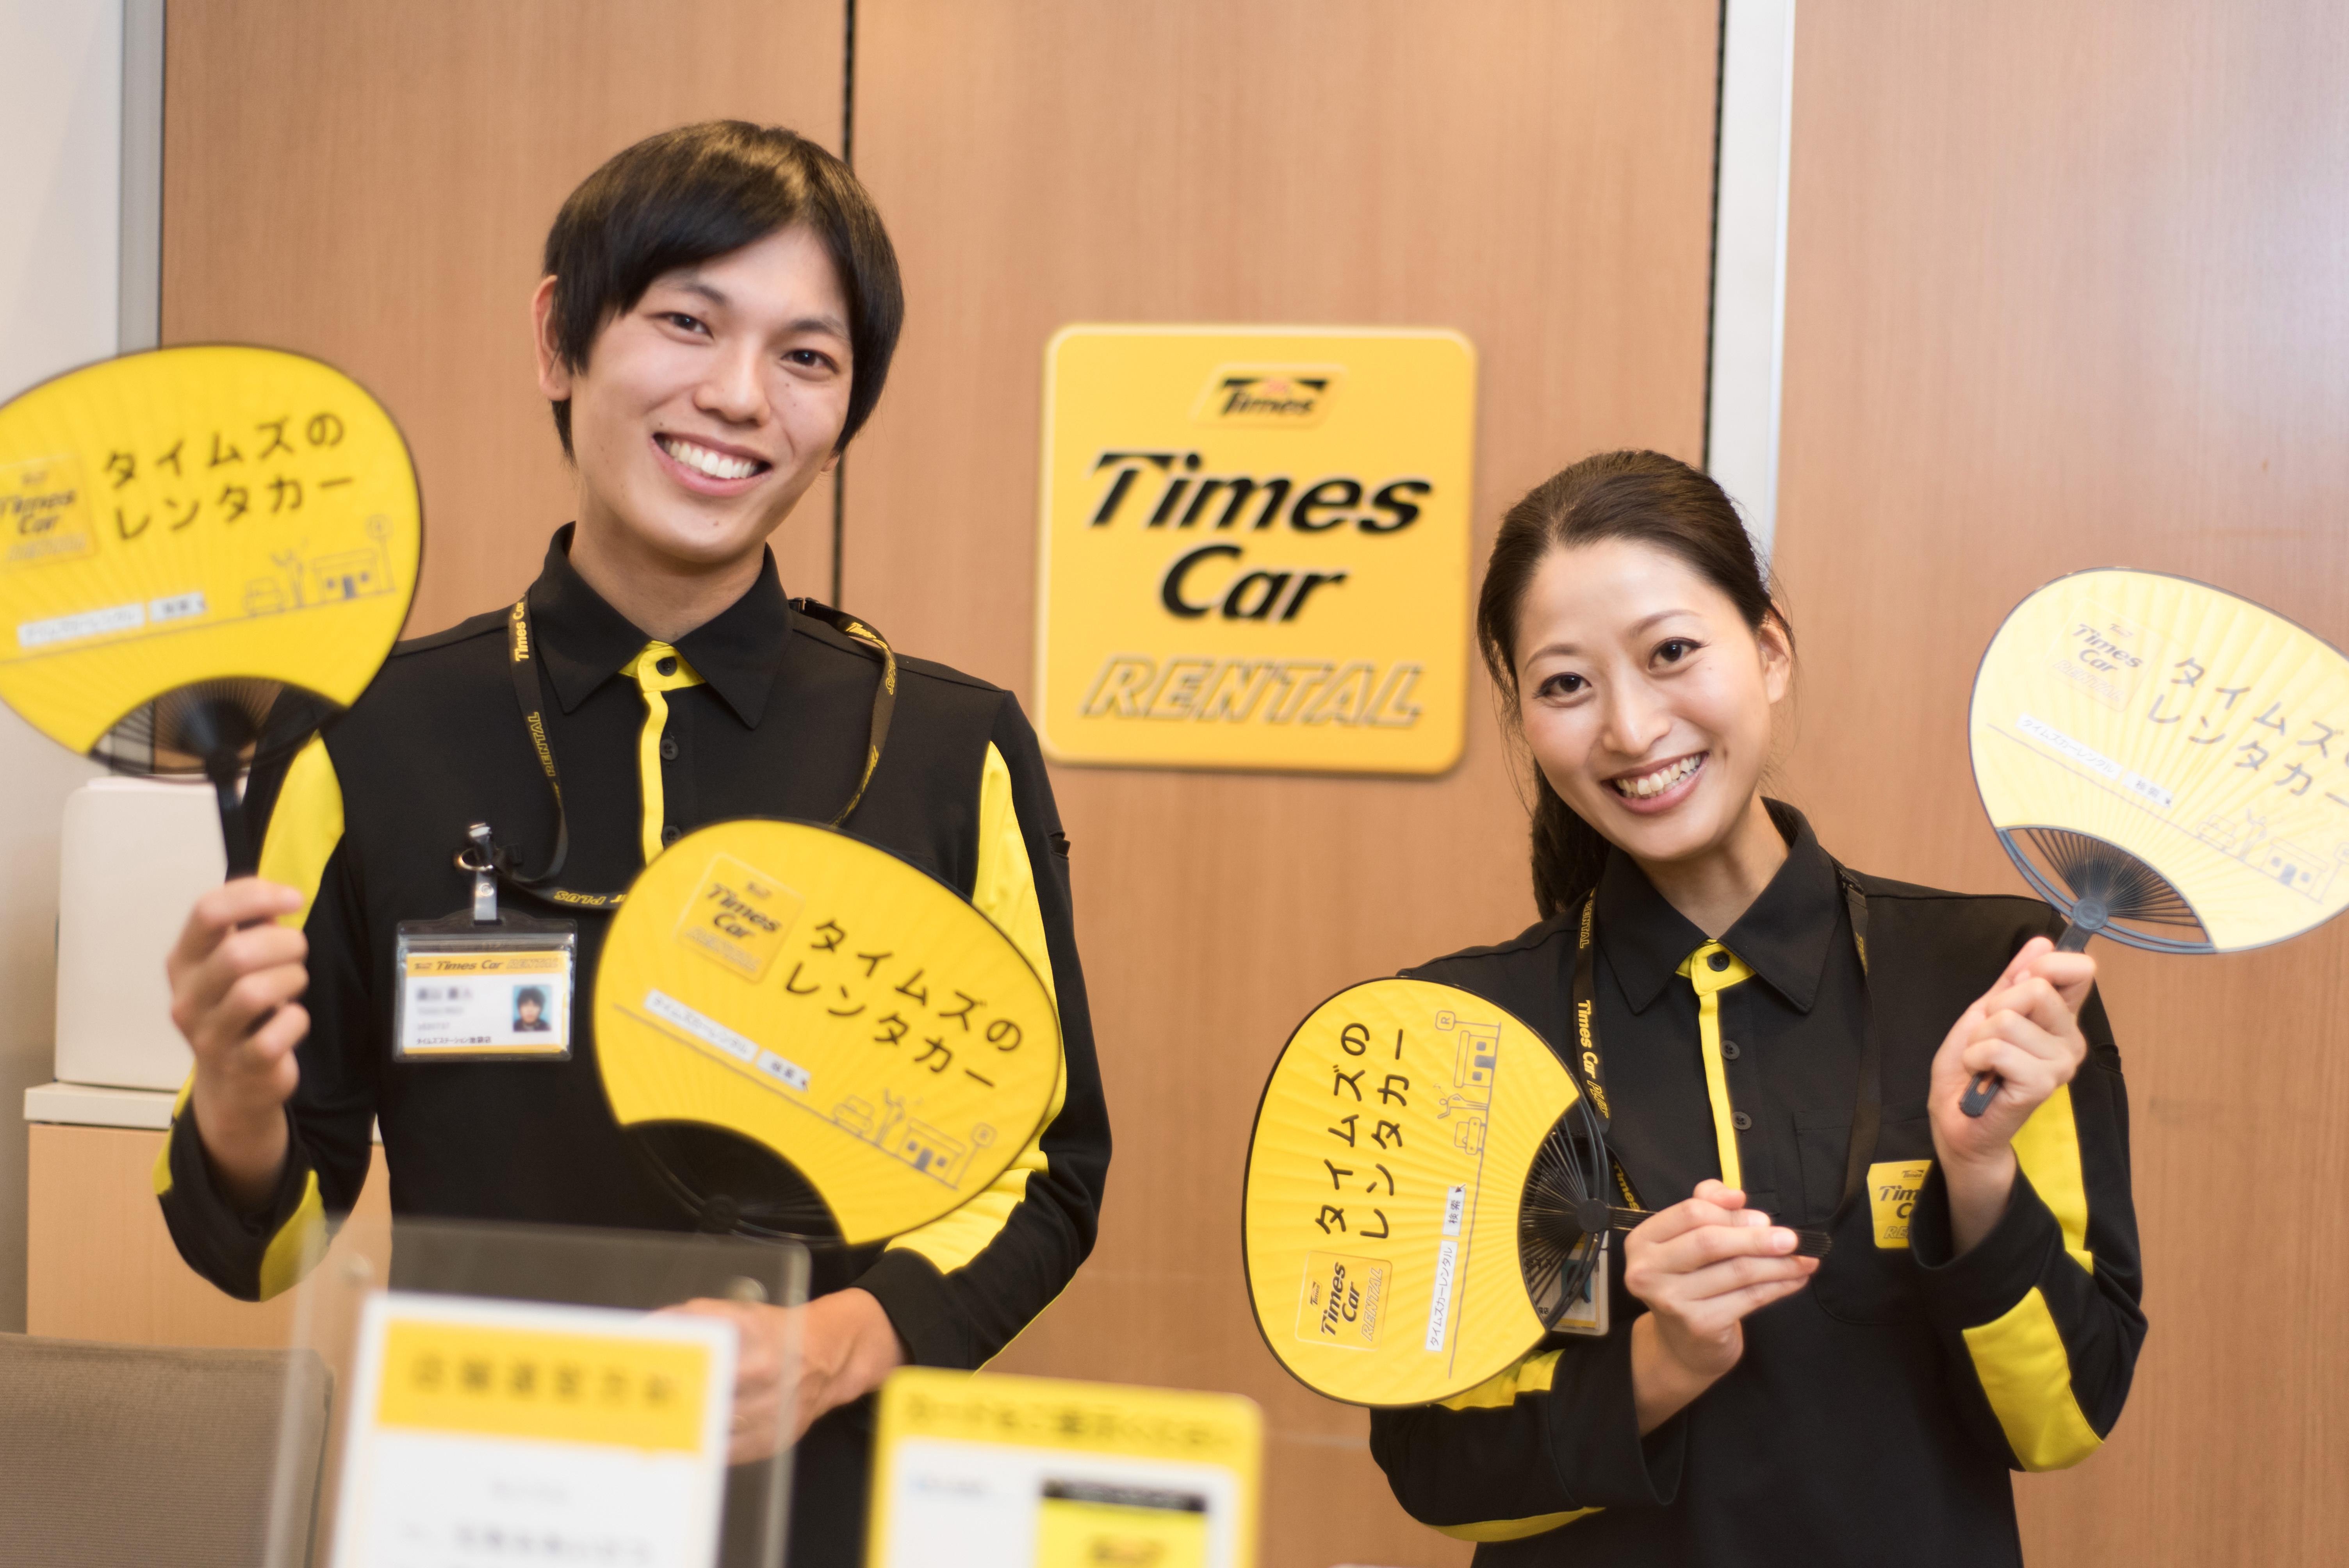 タイムズカーレンタル 釧路駅前店 のアルバイト情報